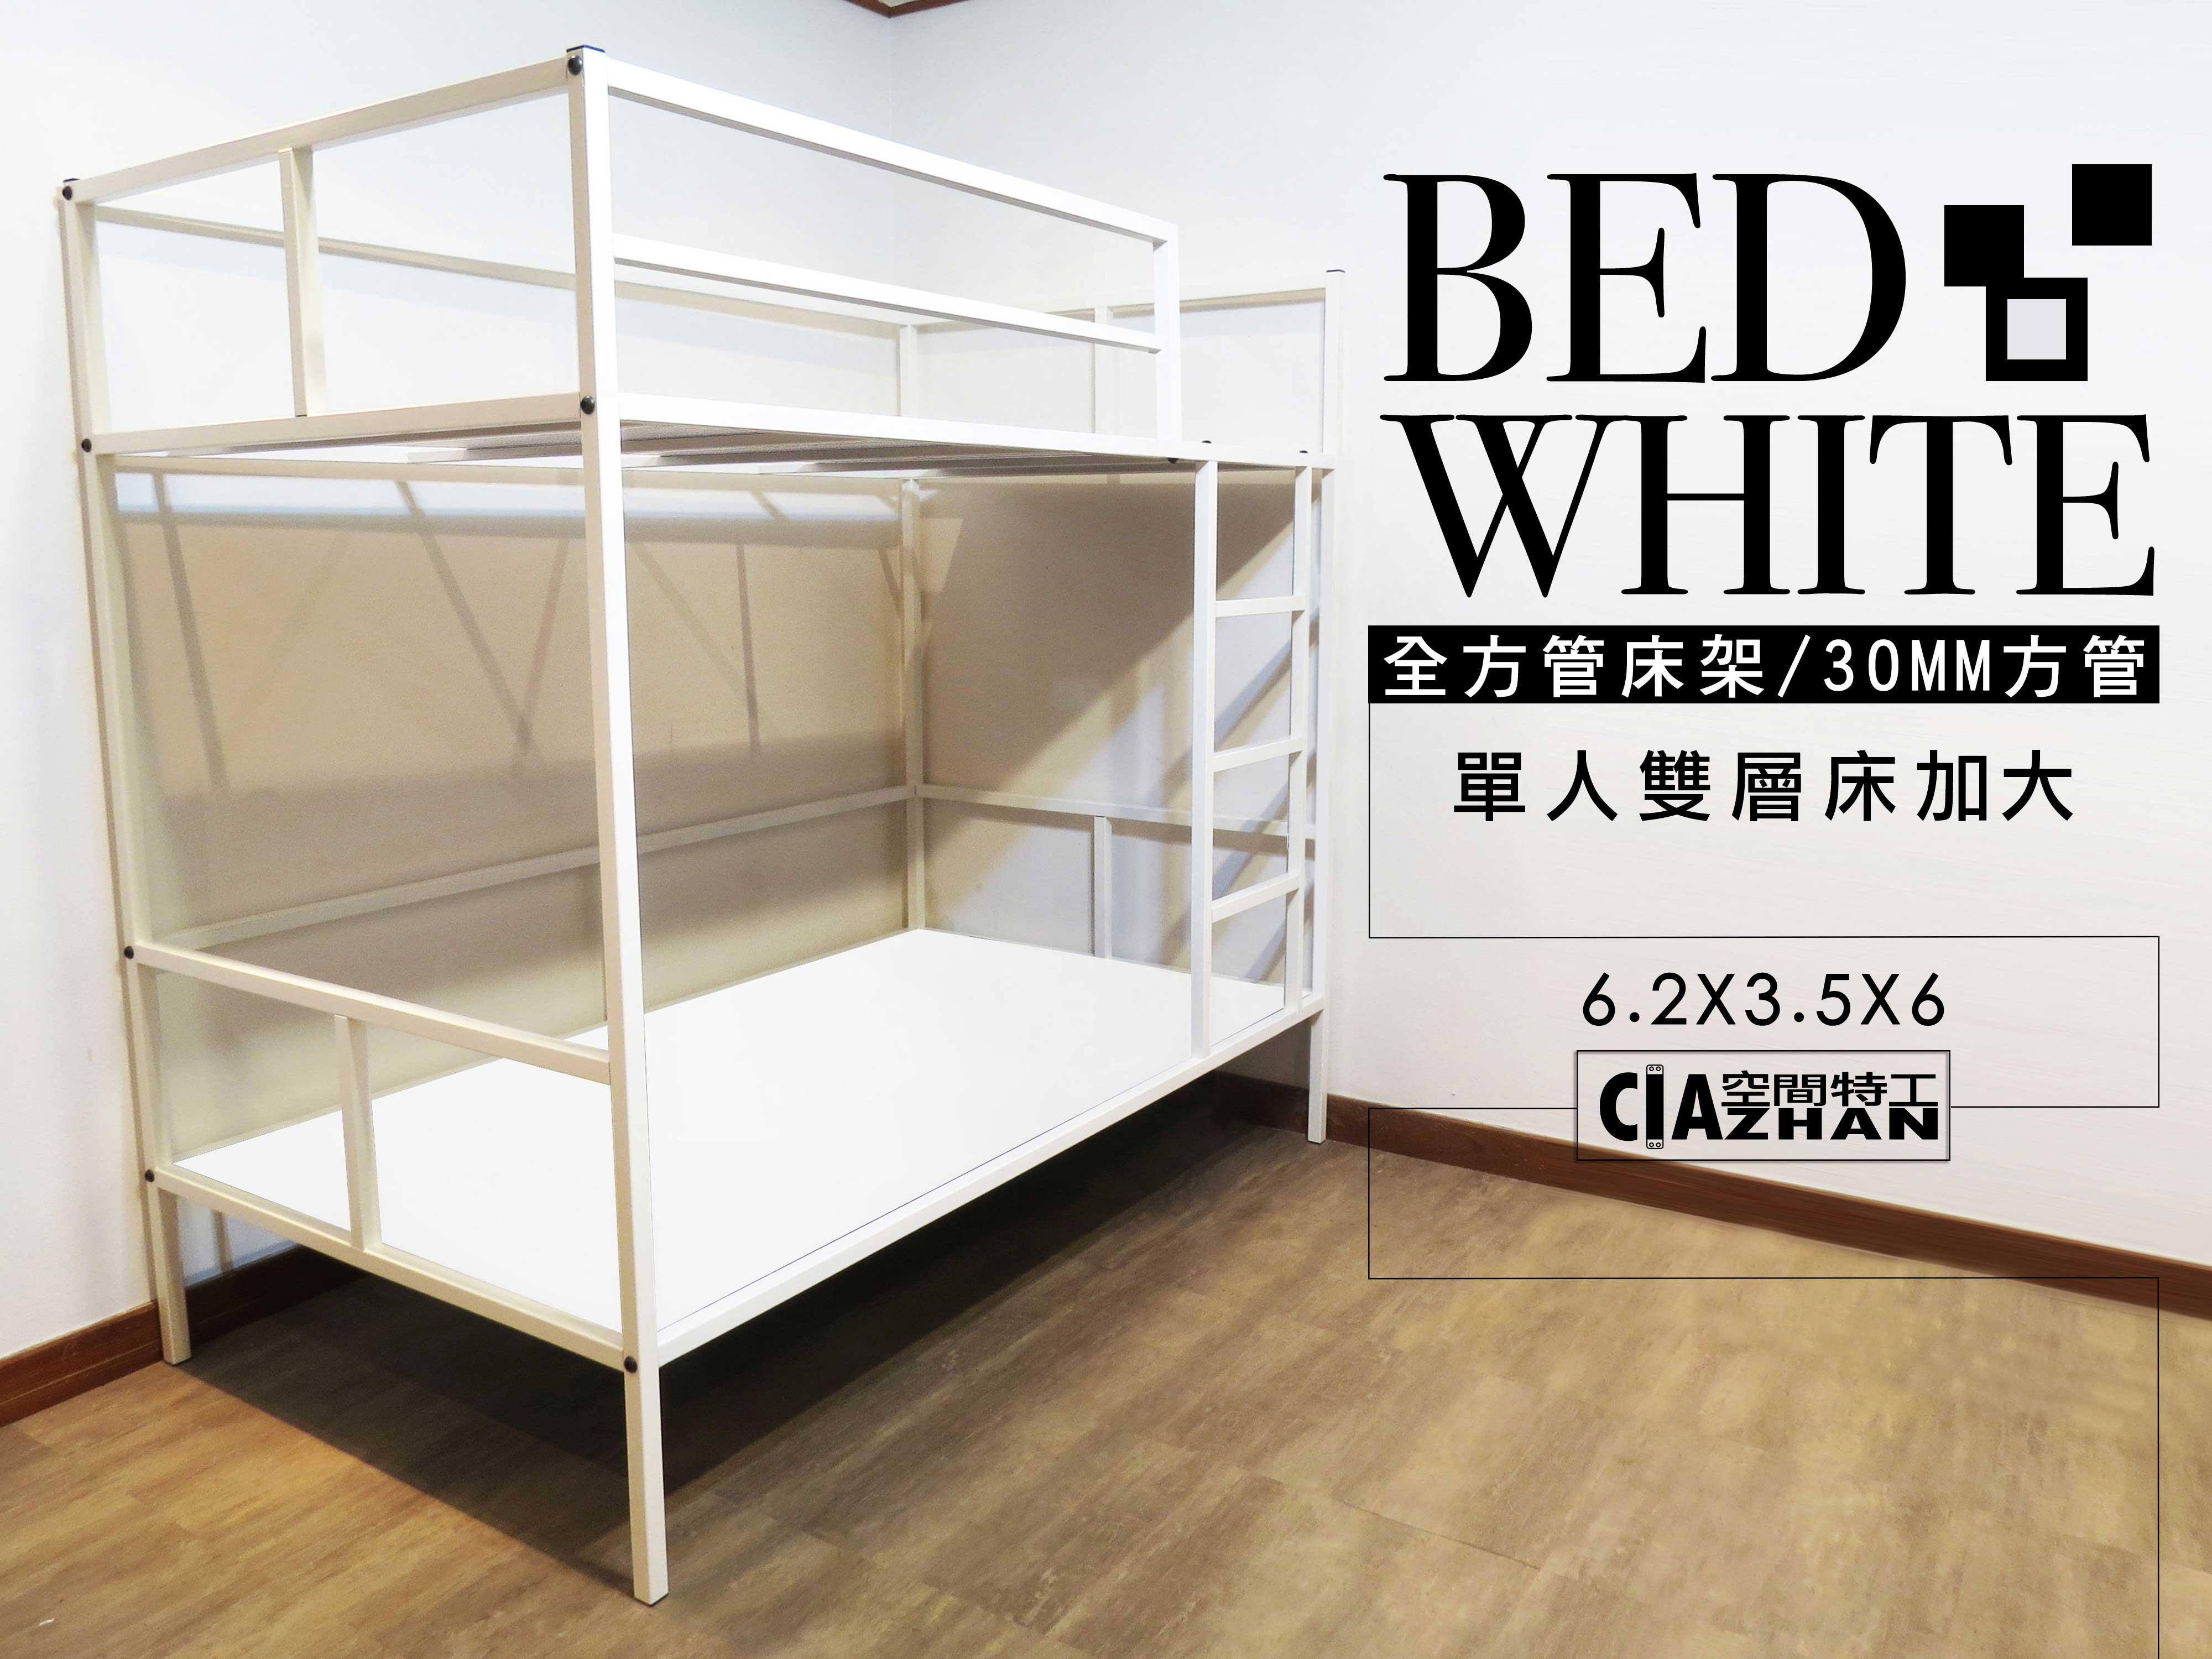 【全新免運】樓梯 上下舖/上下床/床底/床組 30mm方管3.5尺雙層床單人加大床 空間特工【O3C609】